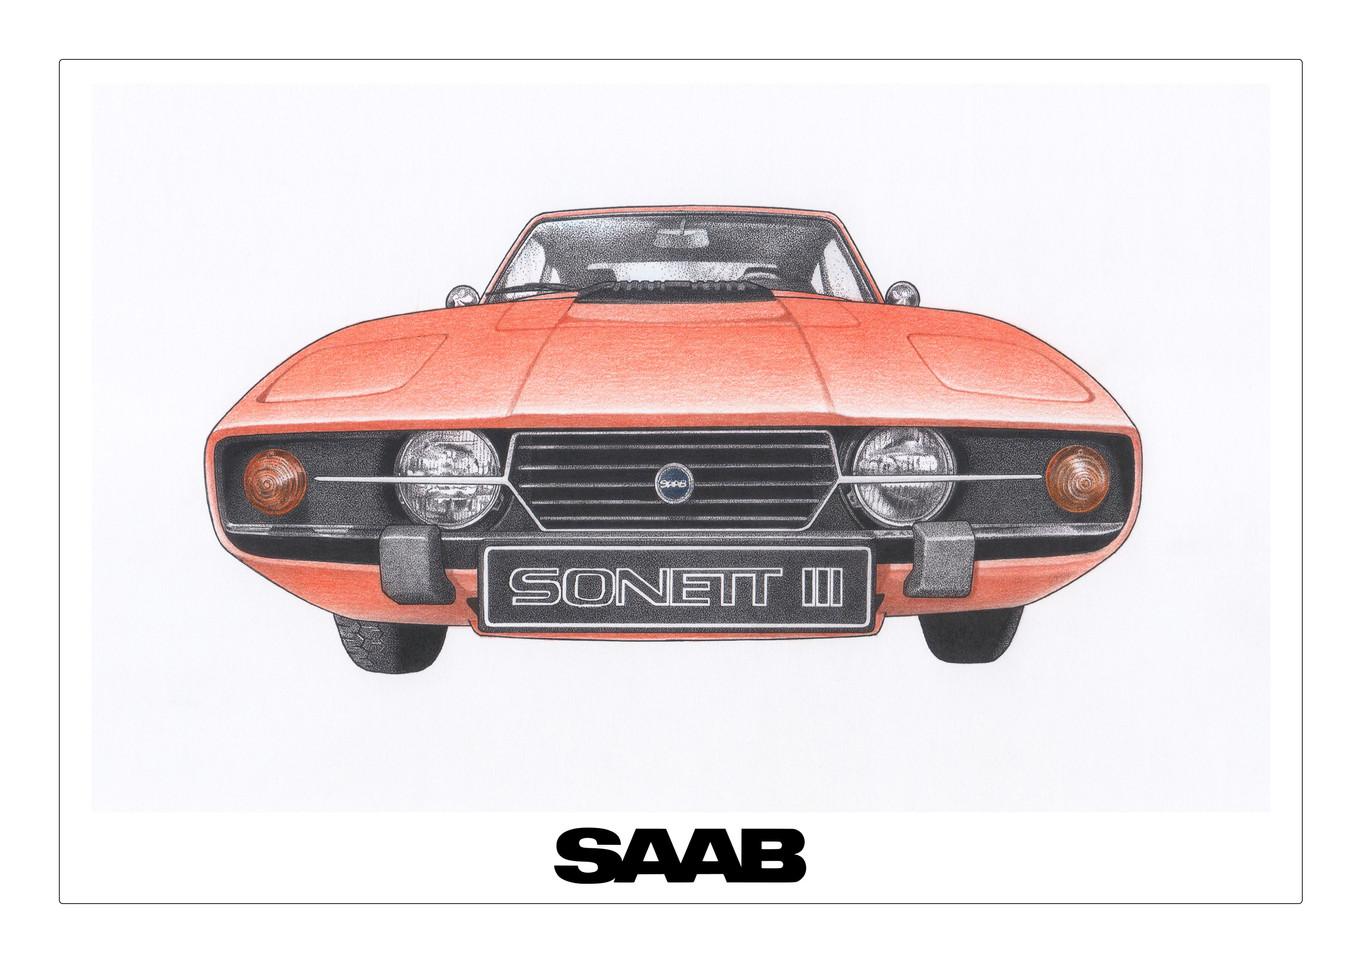 SAAB Sonett Burnt Orange